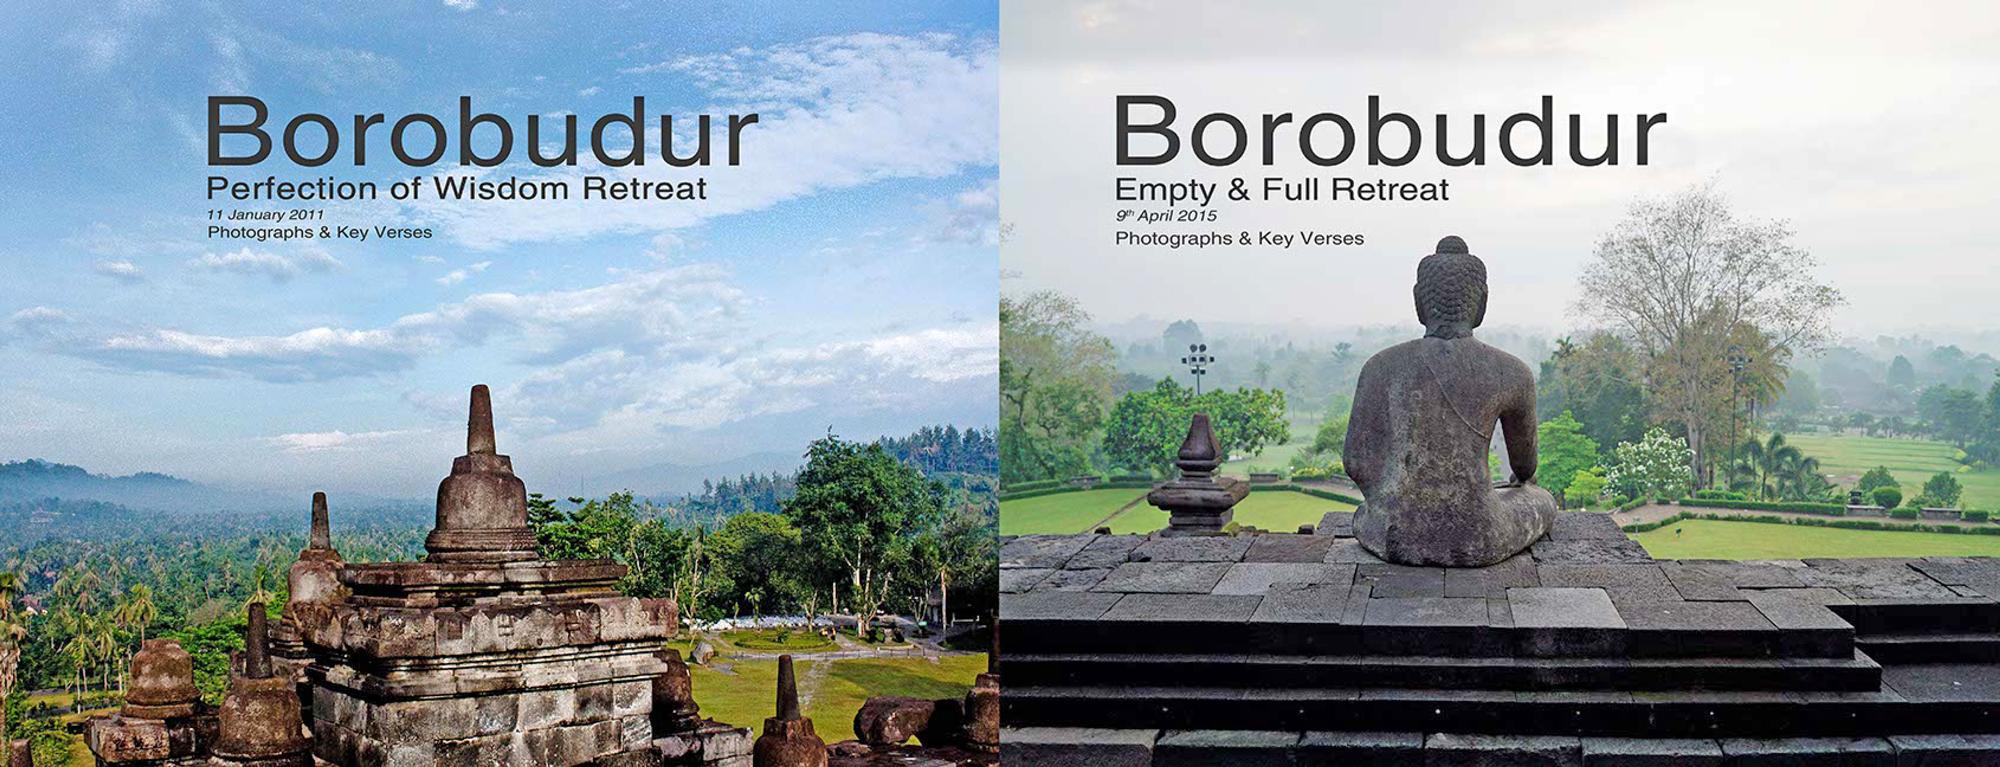 Borobudur-&-Diamond-Cutter-1